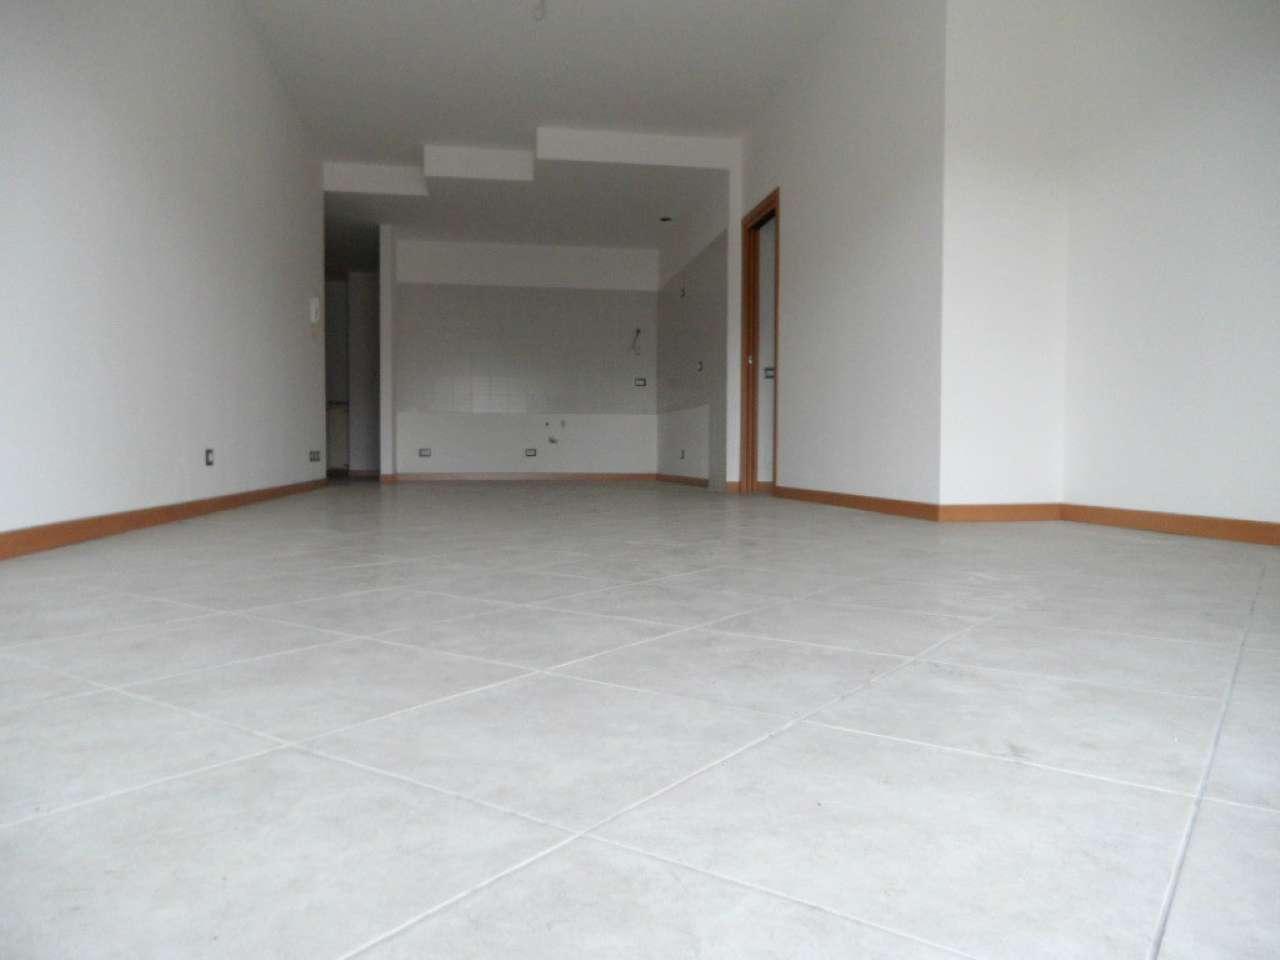 Appartamento ristrutturato in vendita Rif. 6261061